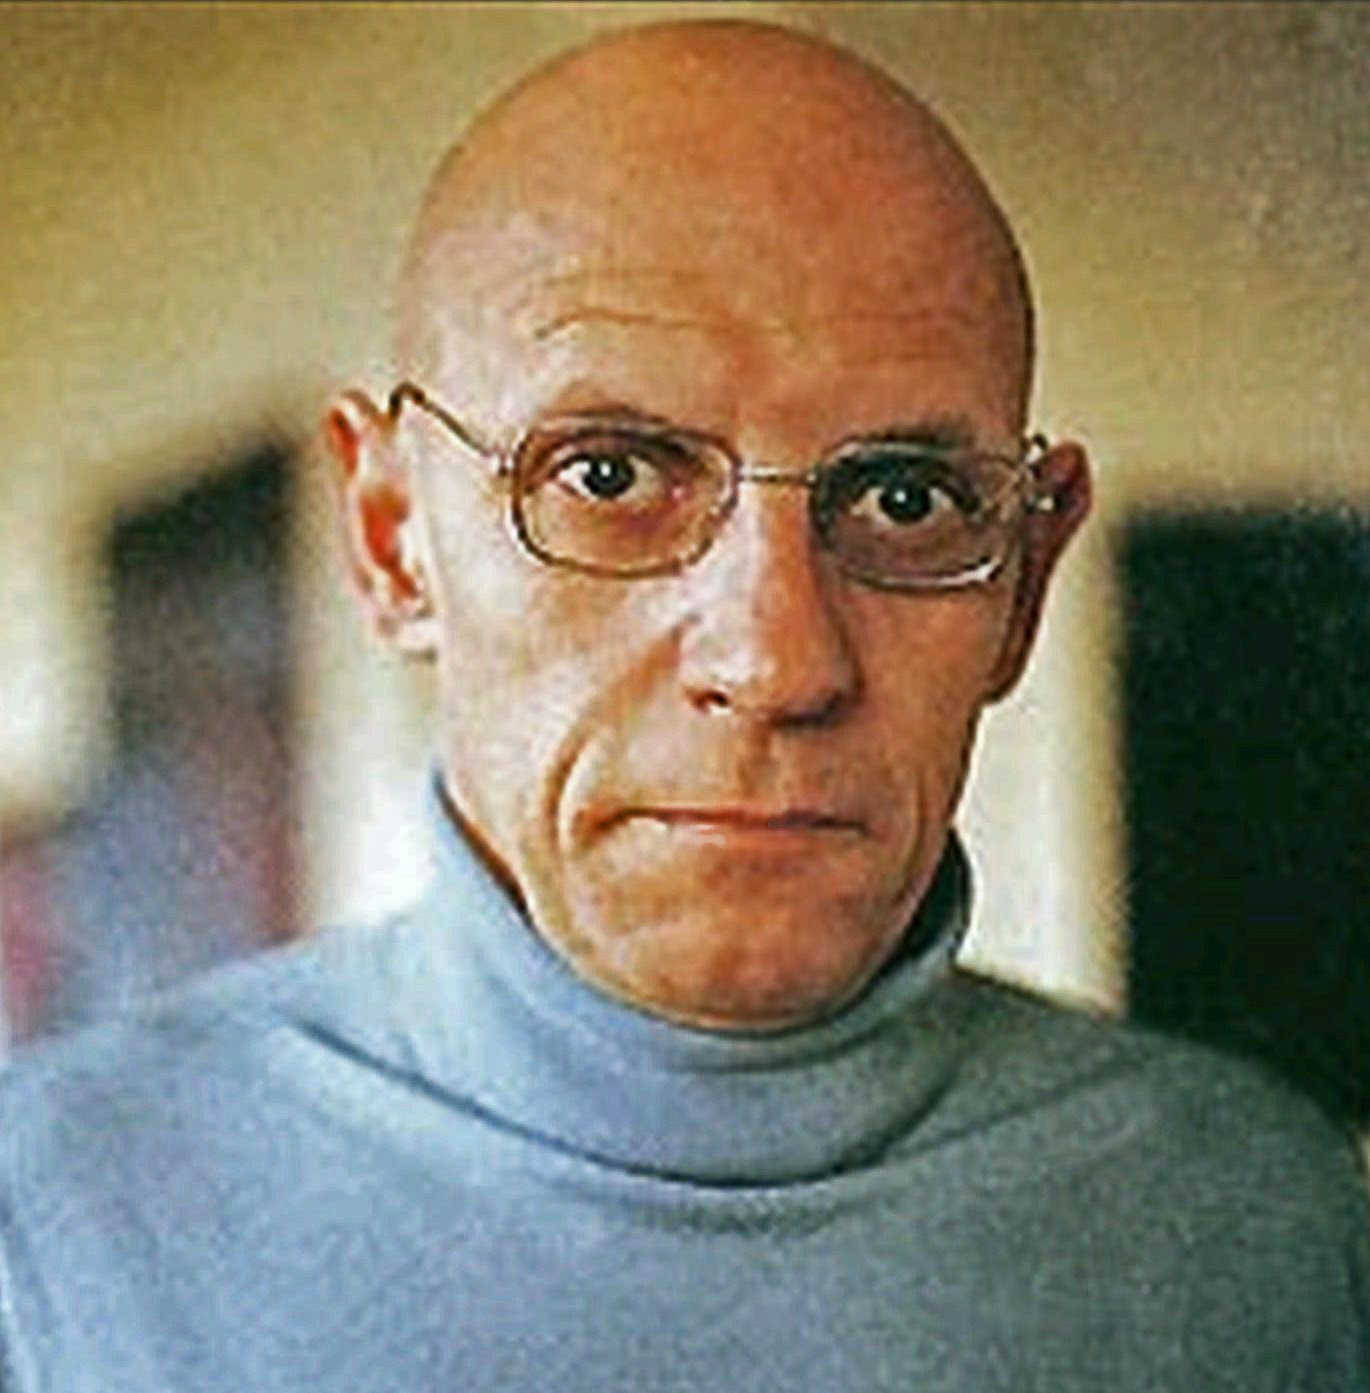 michael foucault Michel foucault, 1926-1984, fransk idéhistoriker og filosof professor ved collège de france fra 1969 michel foucault var oprindeligt uddannet psykolog,.